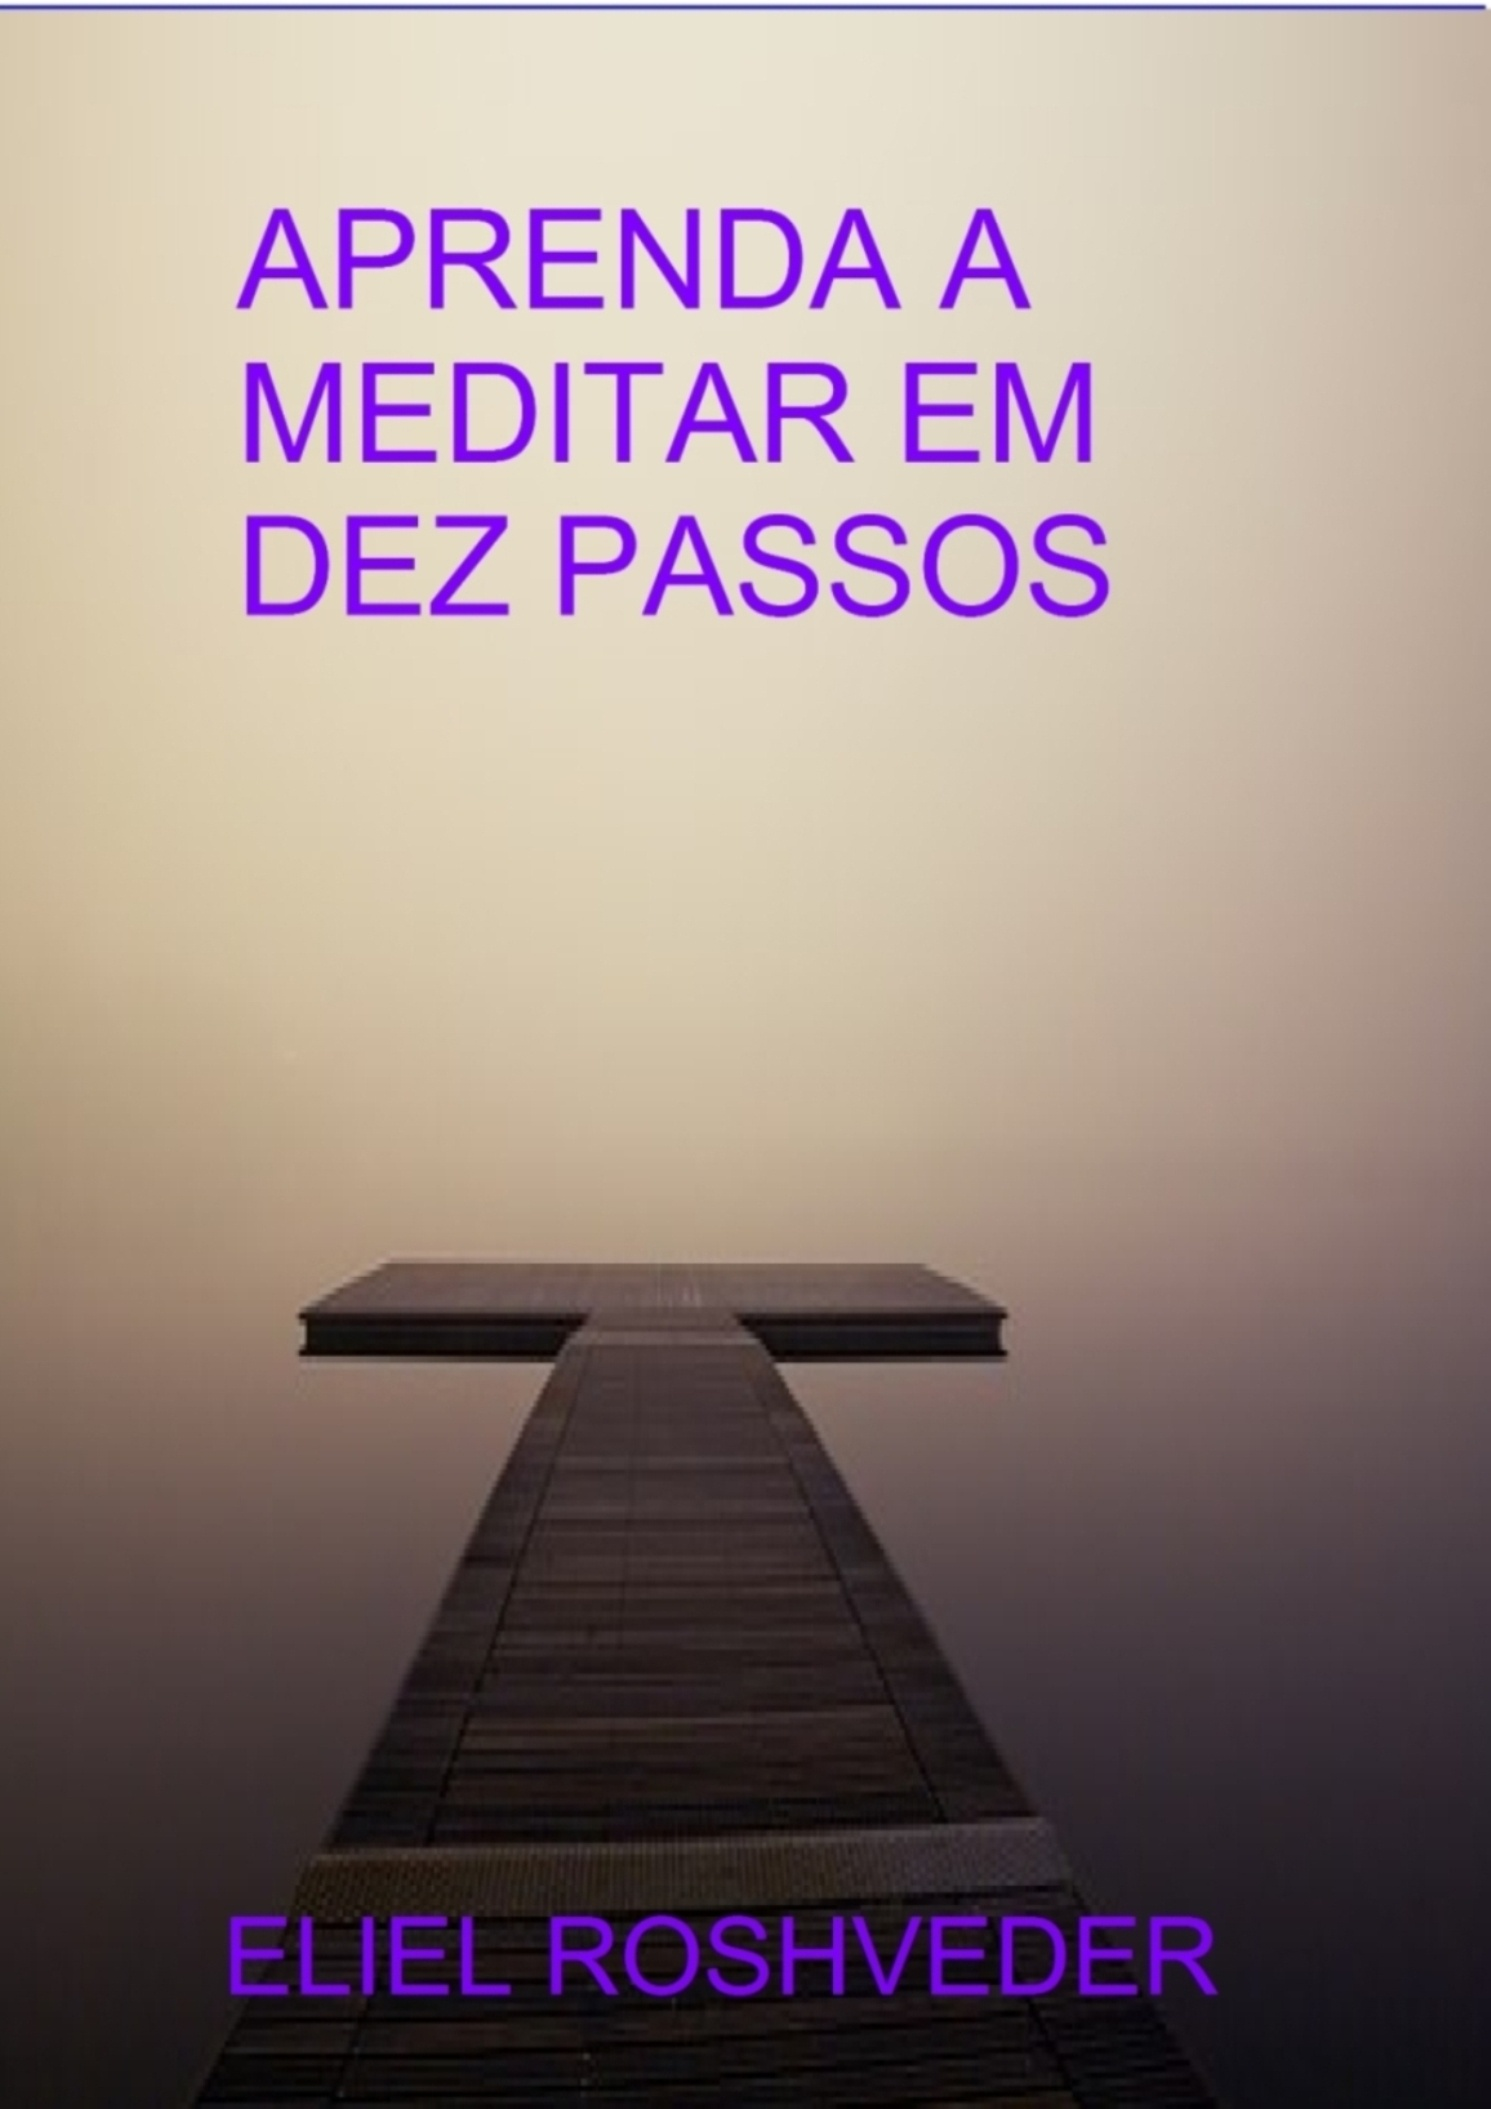 Conheça os livros que escrevi sbre meditação e mistérios.